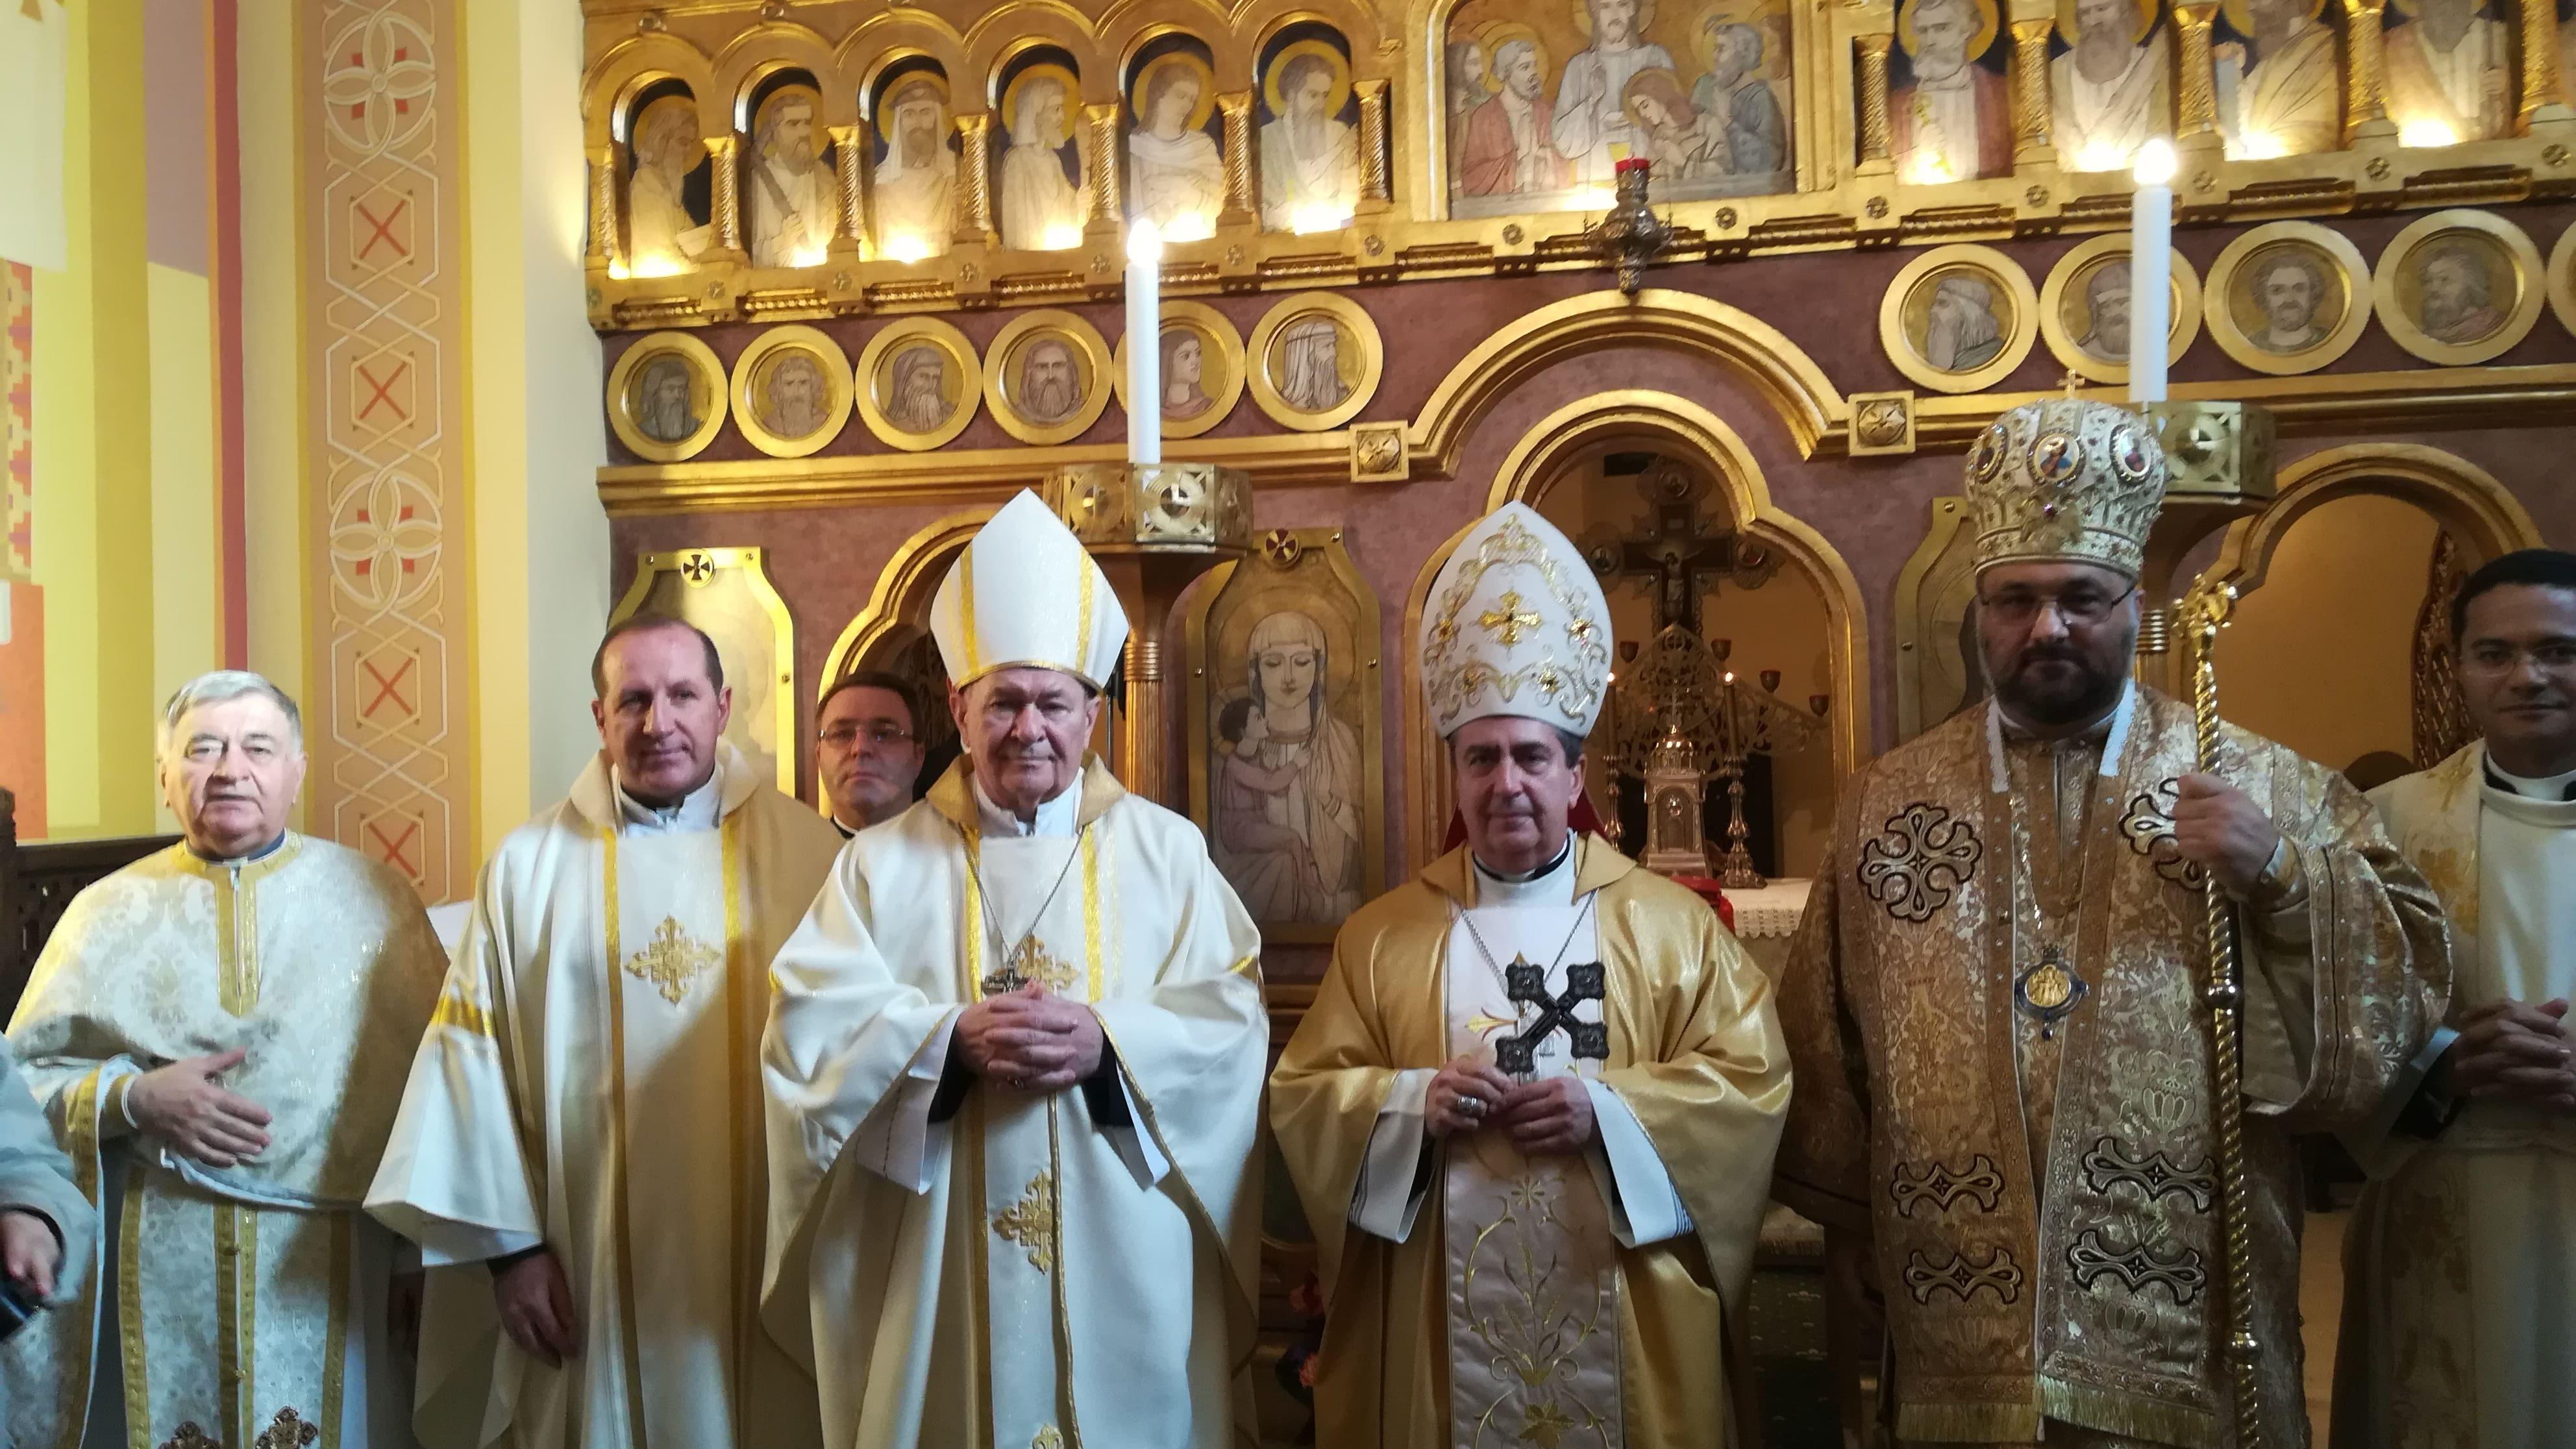 110 ani de la sfințirea altarului – Sfânta Liturghie la catedrala Sfântul Vasile